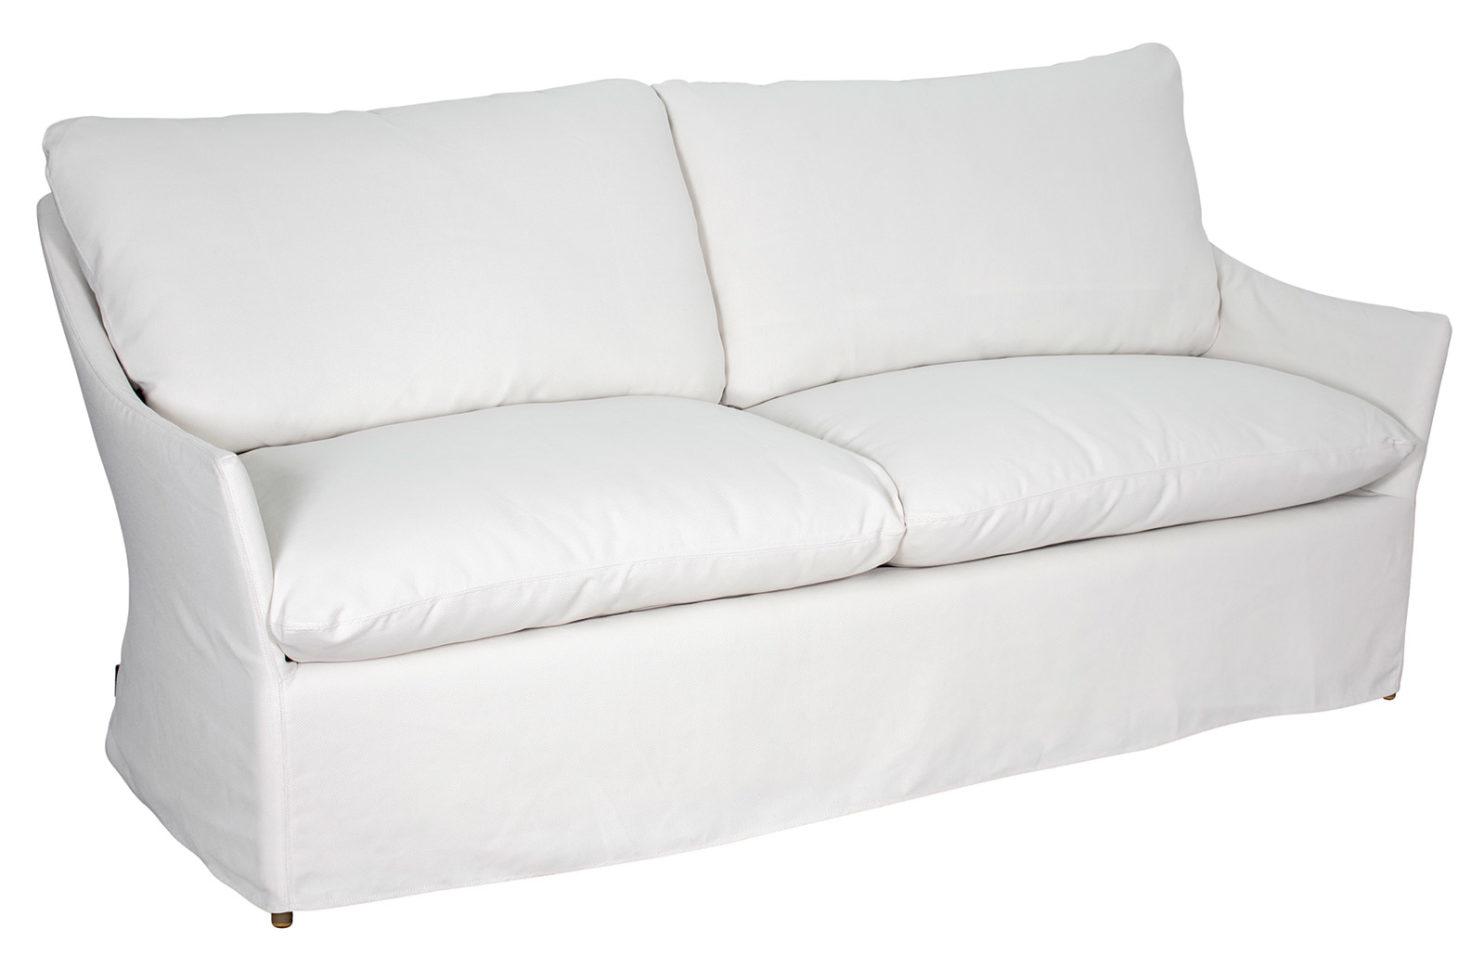 capri sofa 620FT094FC GW 1 3Q